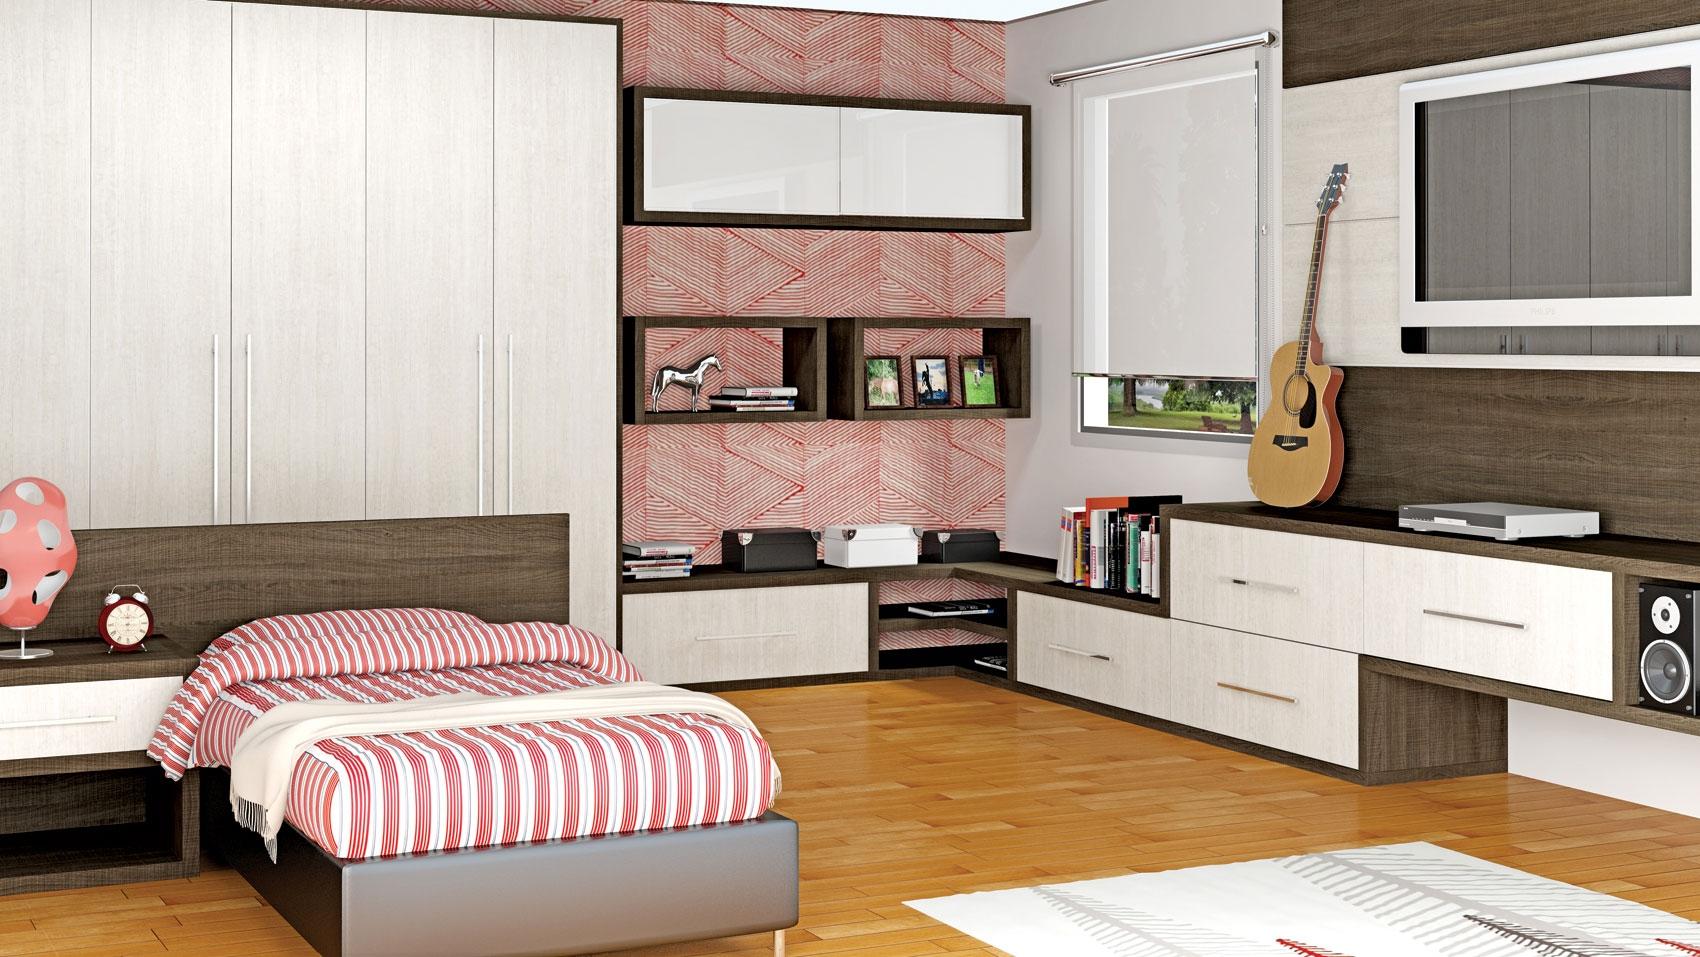 Dormitório Planejado Preço no Jardim Presidente Dutra - Dormitórios Planejados de Casal